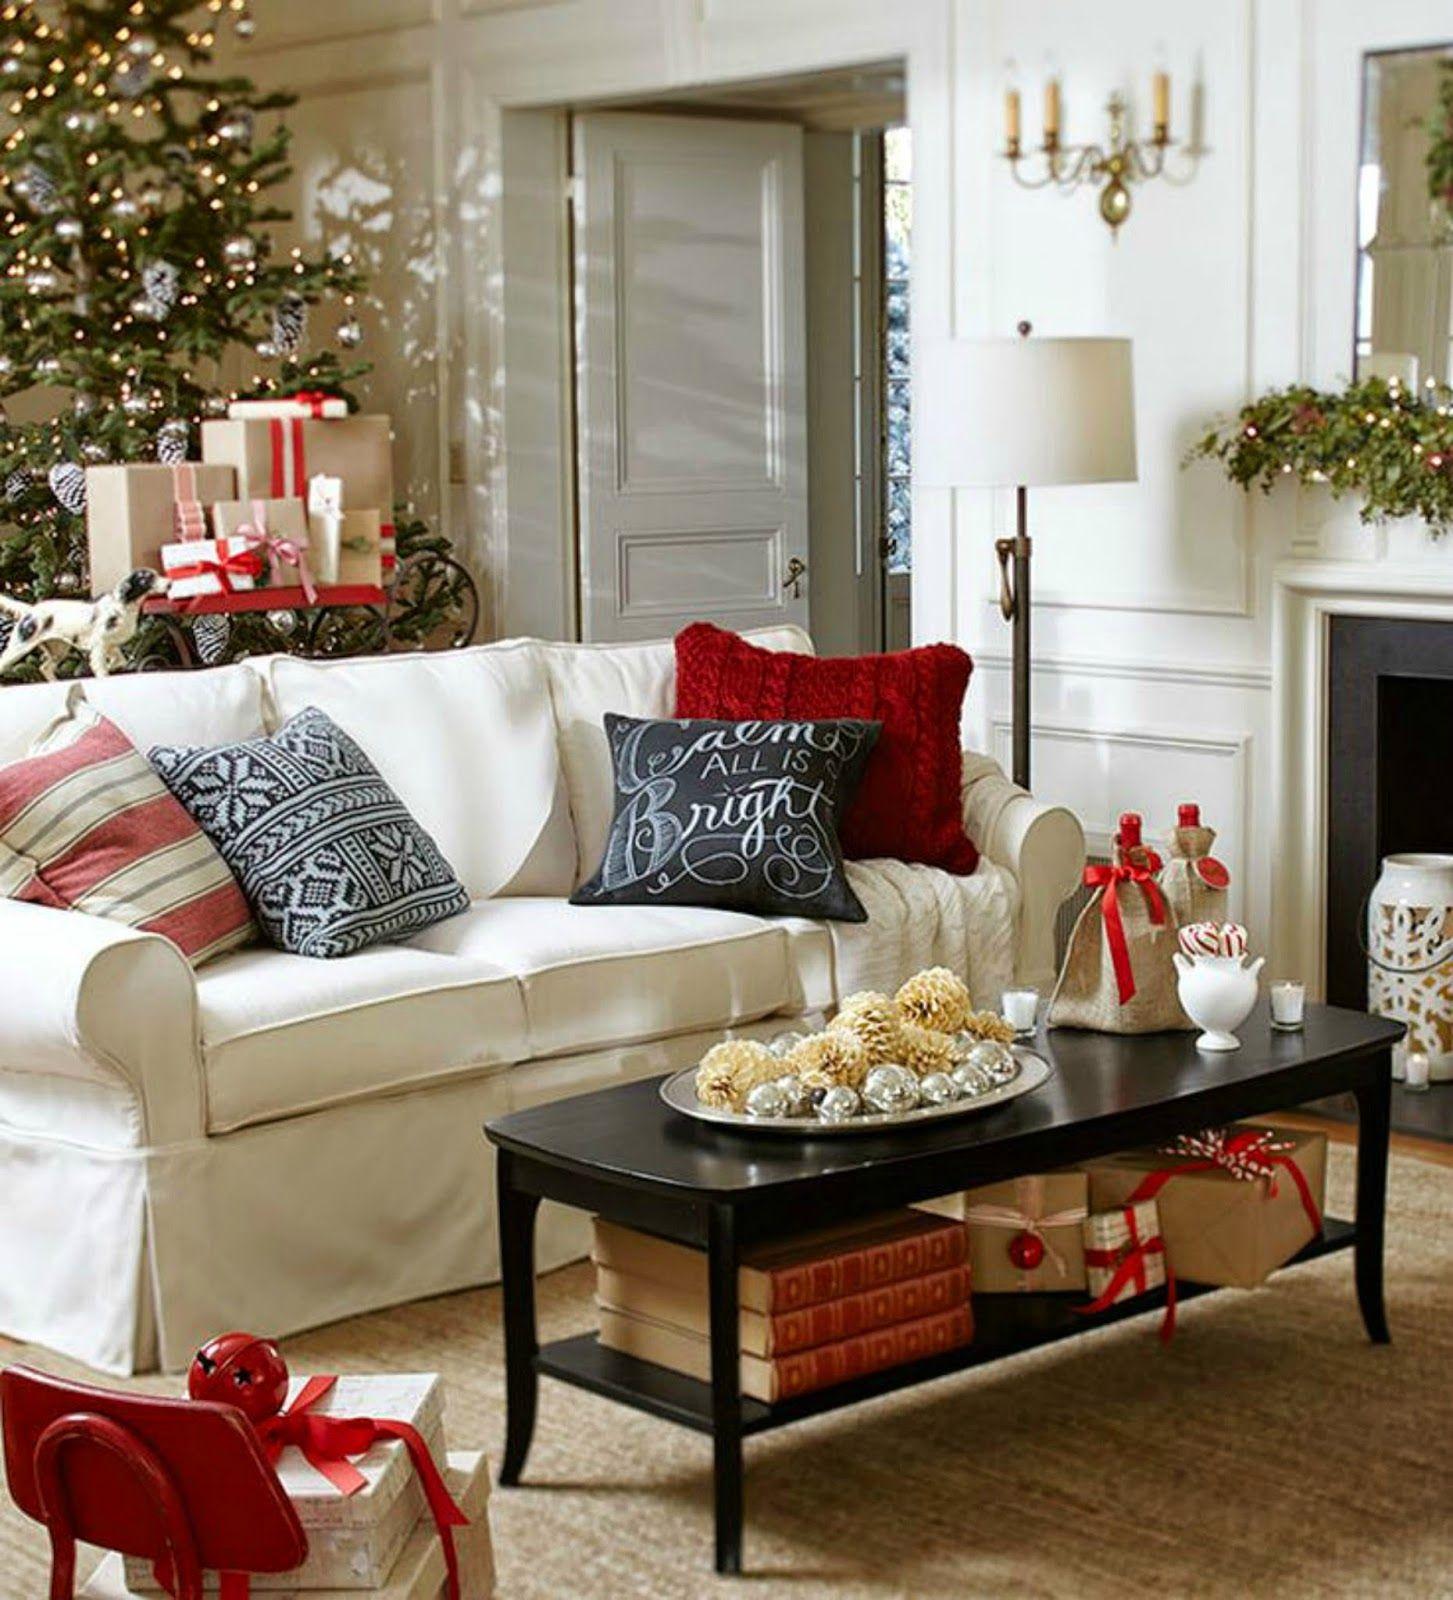 Pottery Barn Christmas Inspiration... christmas trees